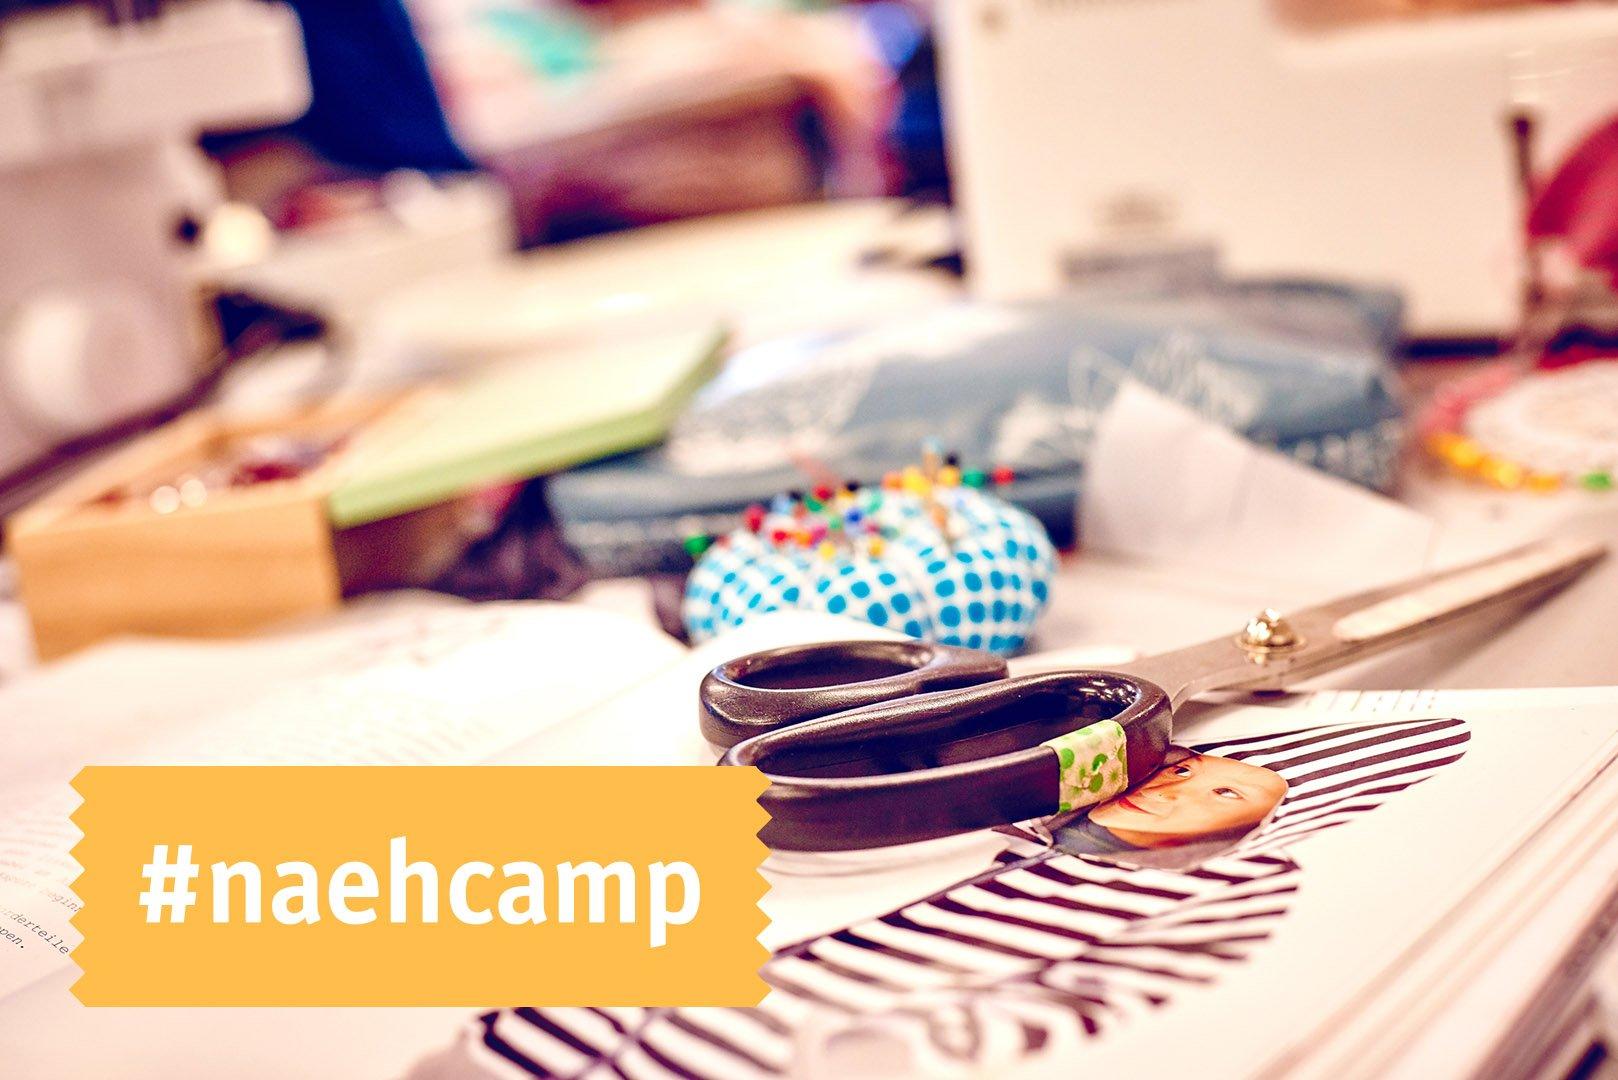 Yeah, die neuen #naehcamp Termine 2017 mit & ohne @hedinaeht sind da https://t.co/YcXUjC6cqO https://t.co/xbZg6WXyZW